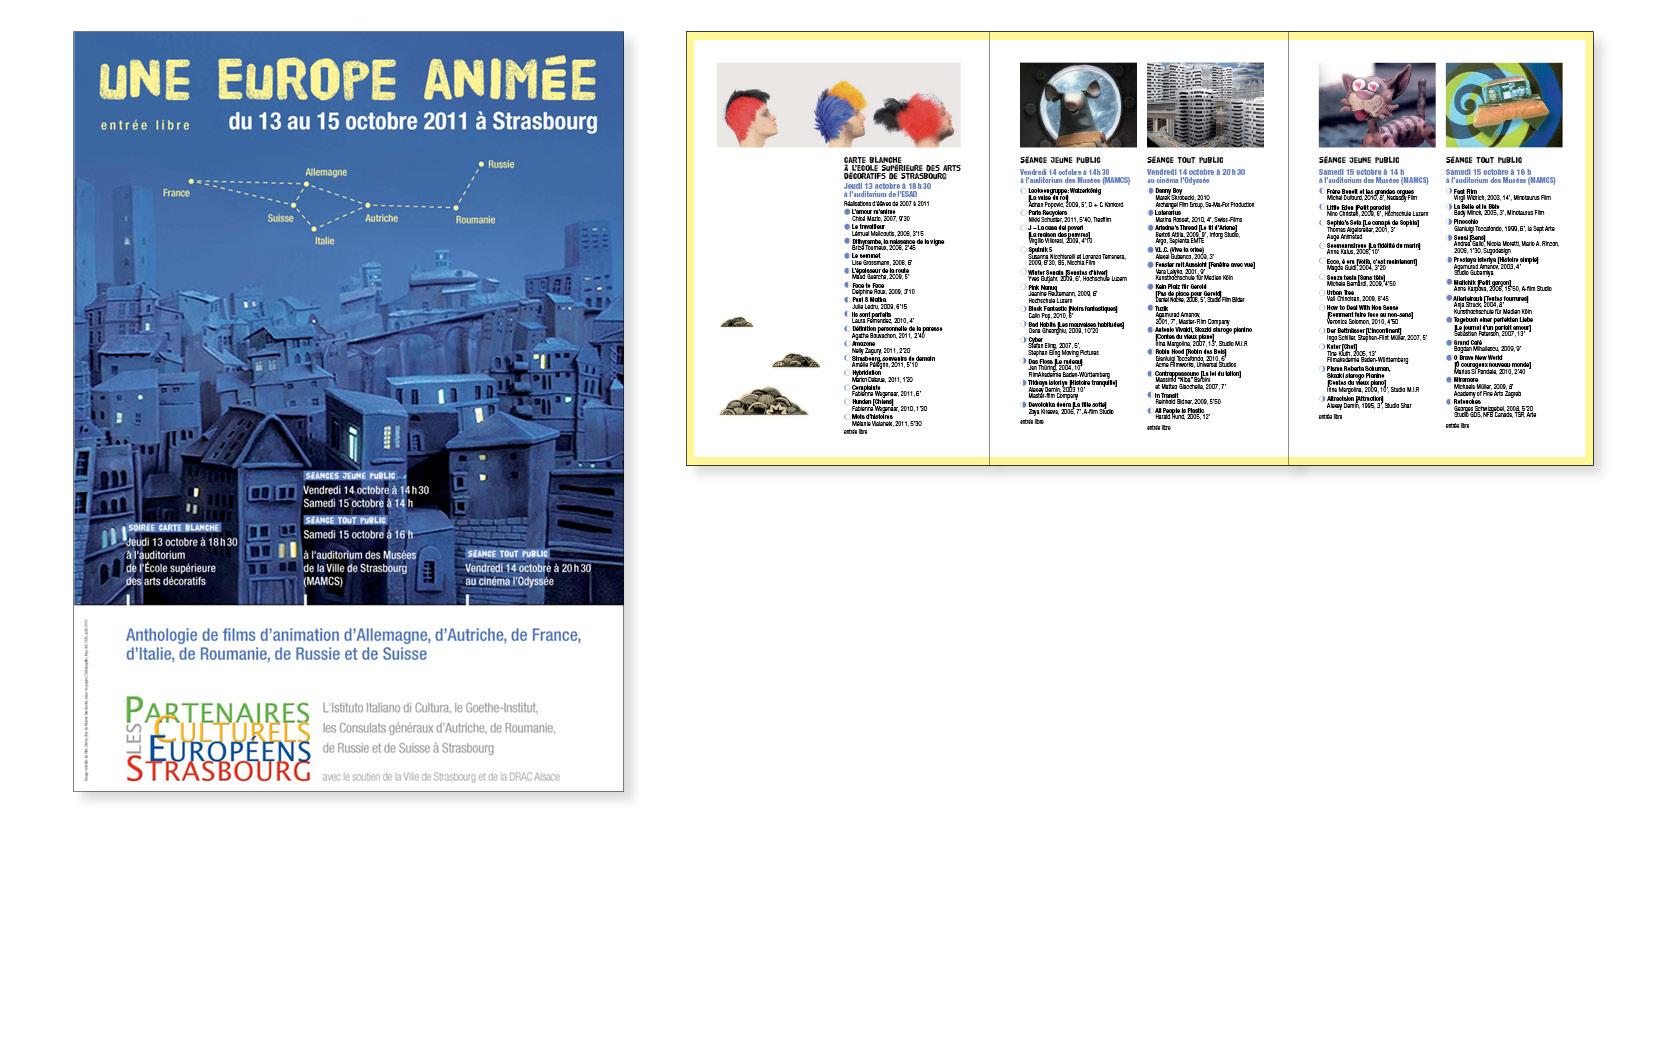 Affiche Europe animée et programme 6 pages,  Partenaires culturels européens, 2011.